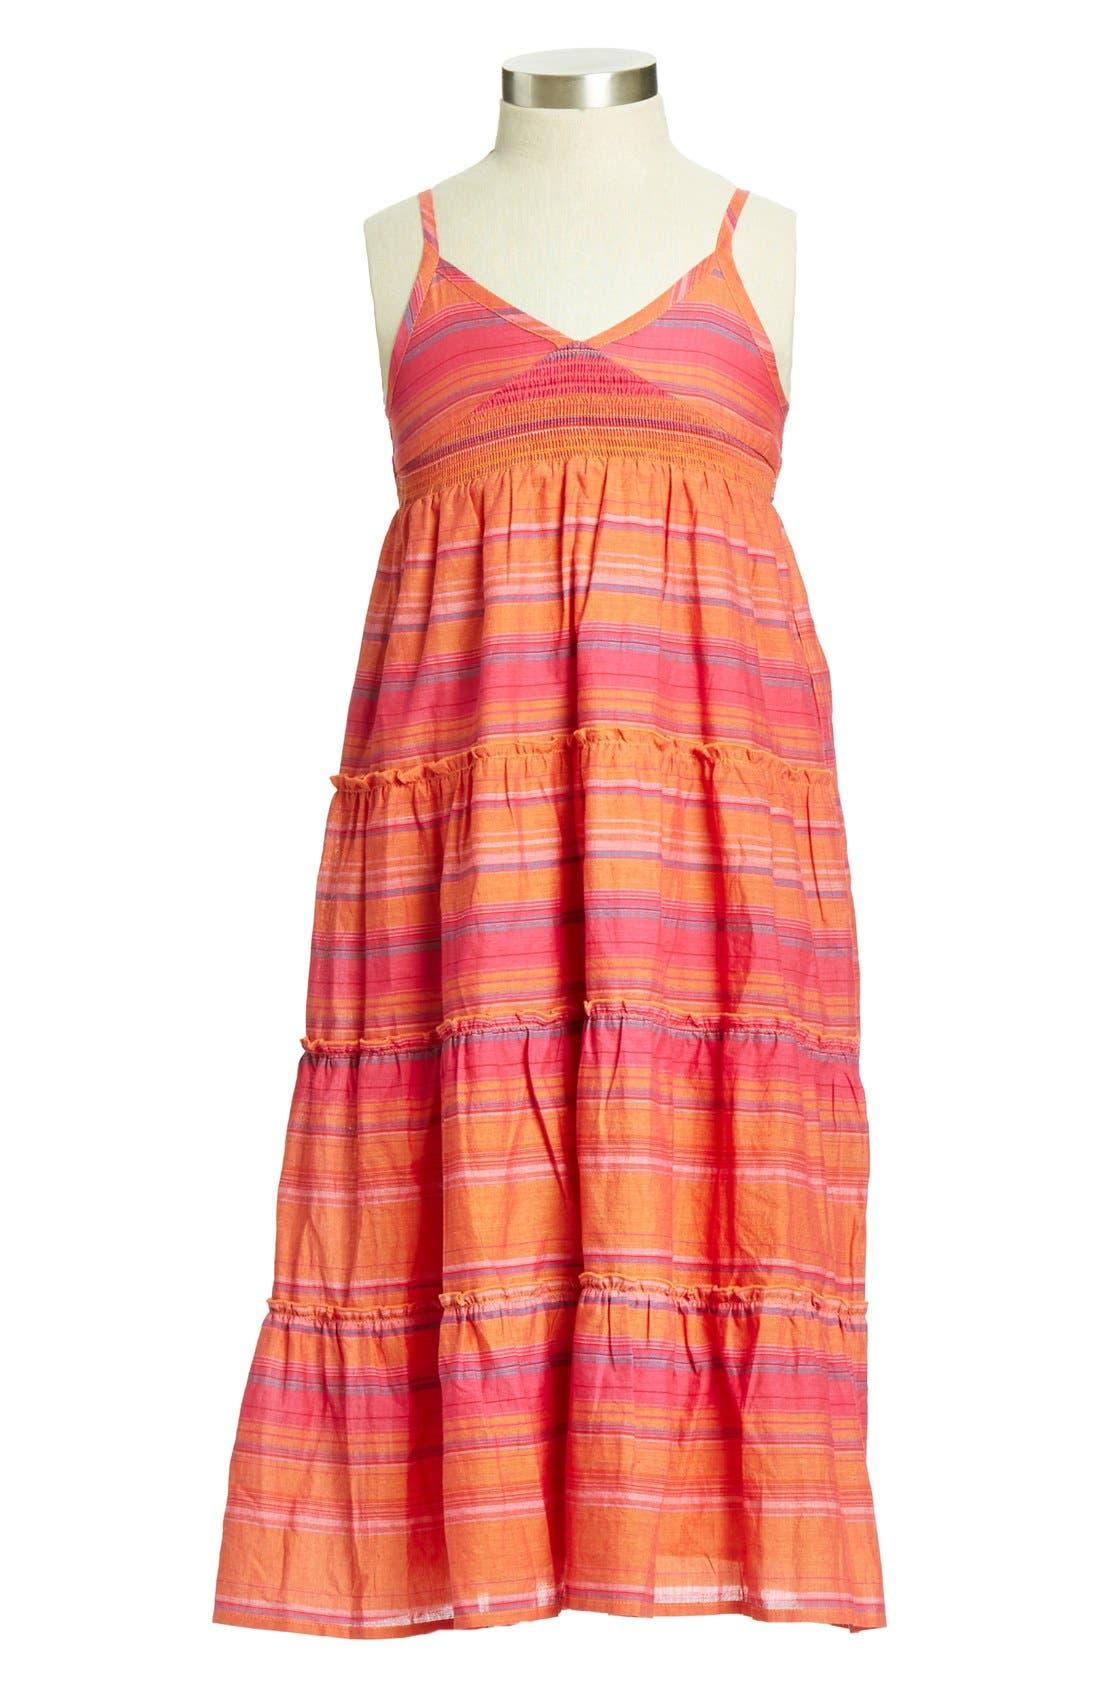 Main Image - Peek 'Marigold' Cotton Dress (Toddler Girls, Little Girls & Big Girls)